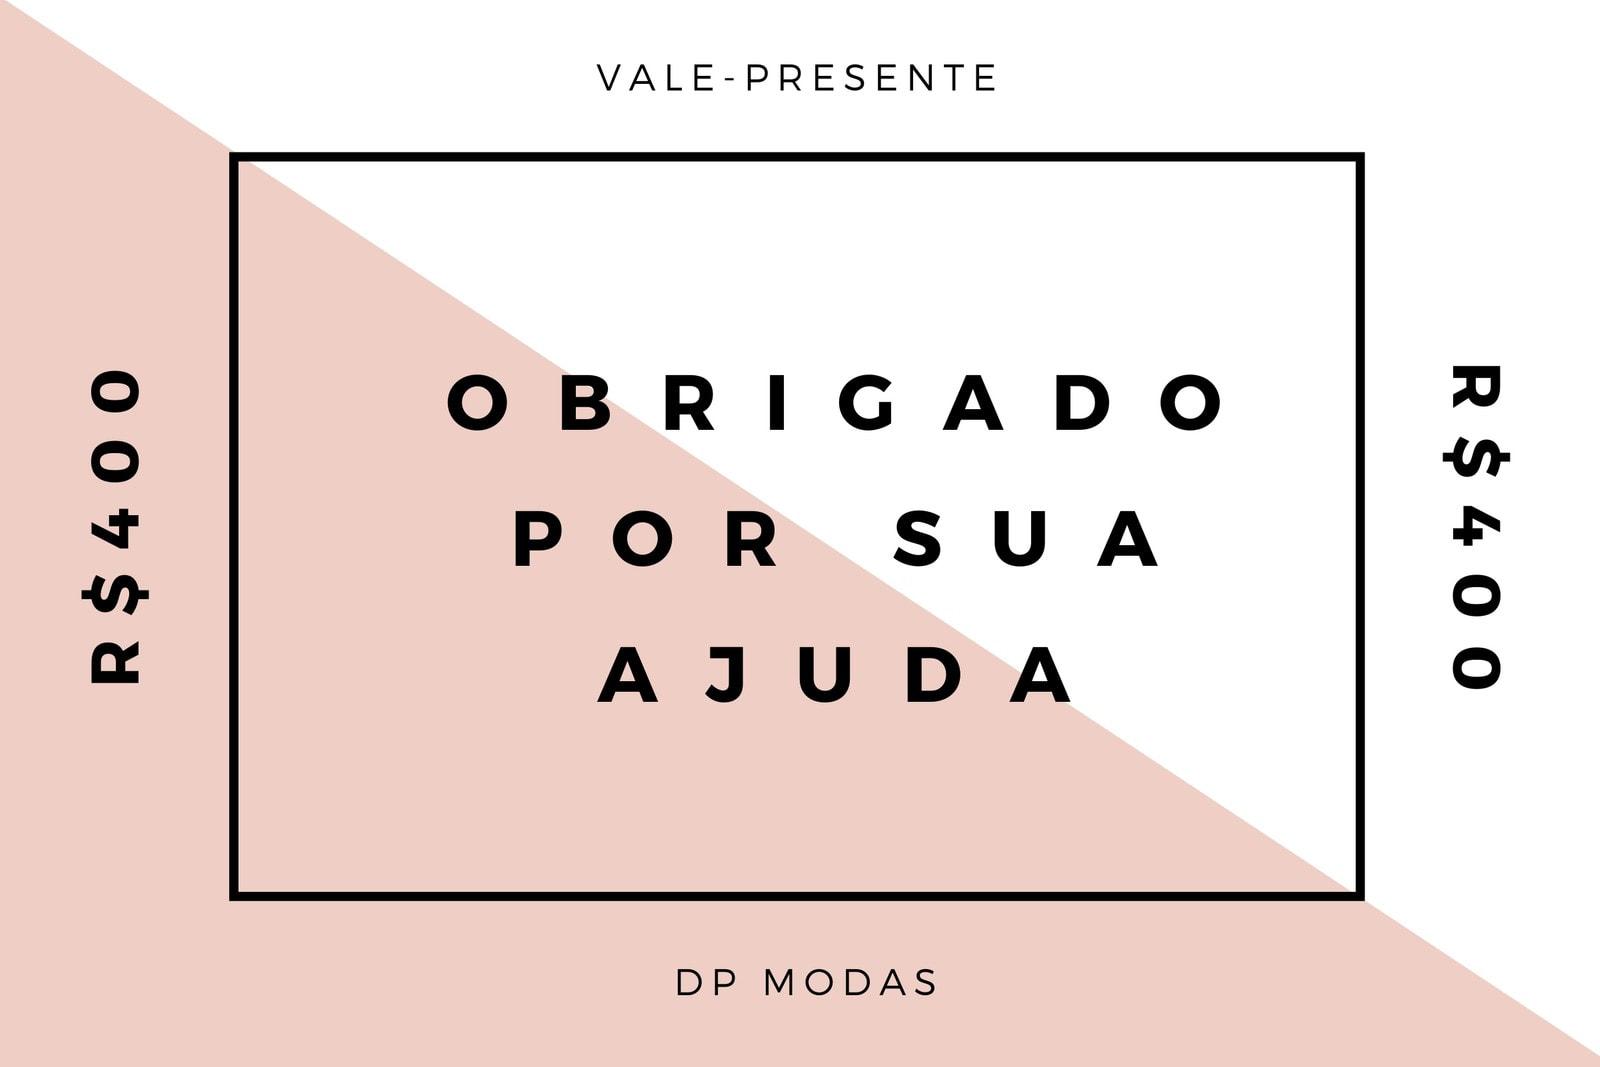 Rosa Moderno Minimalista Moda Voluntário Vale-Presente